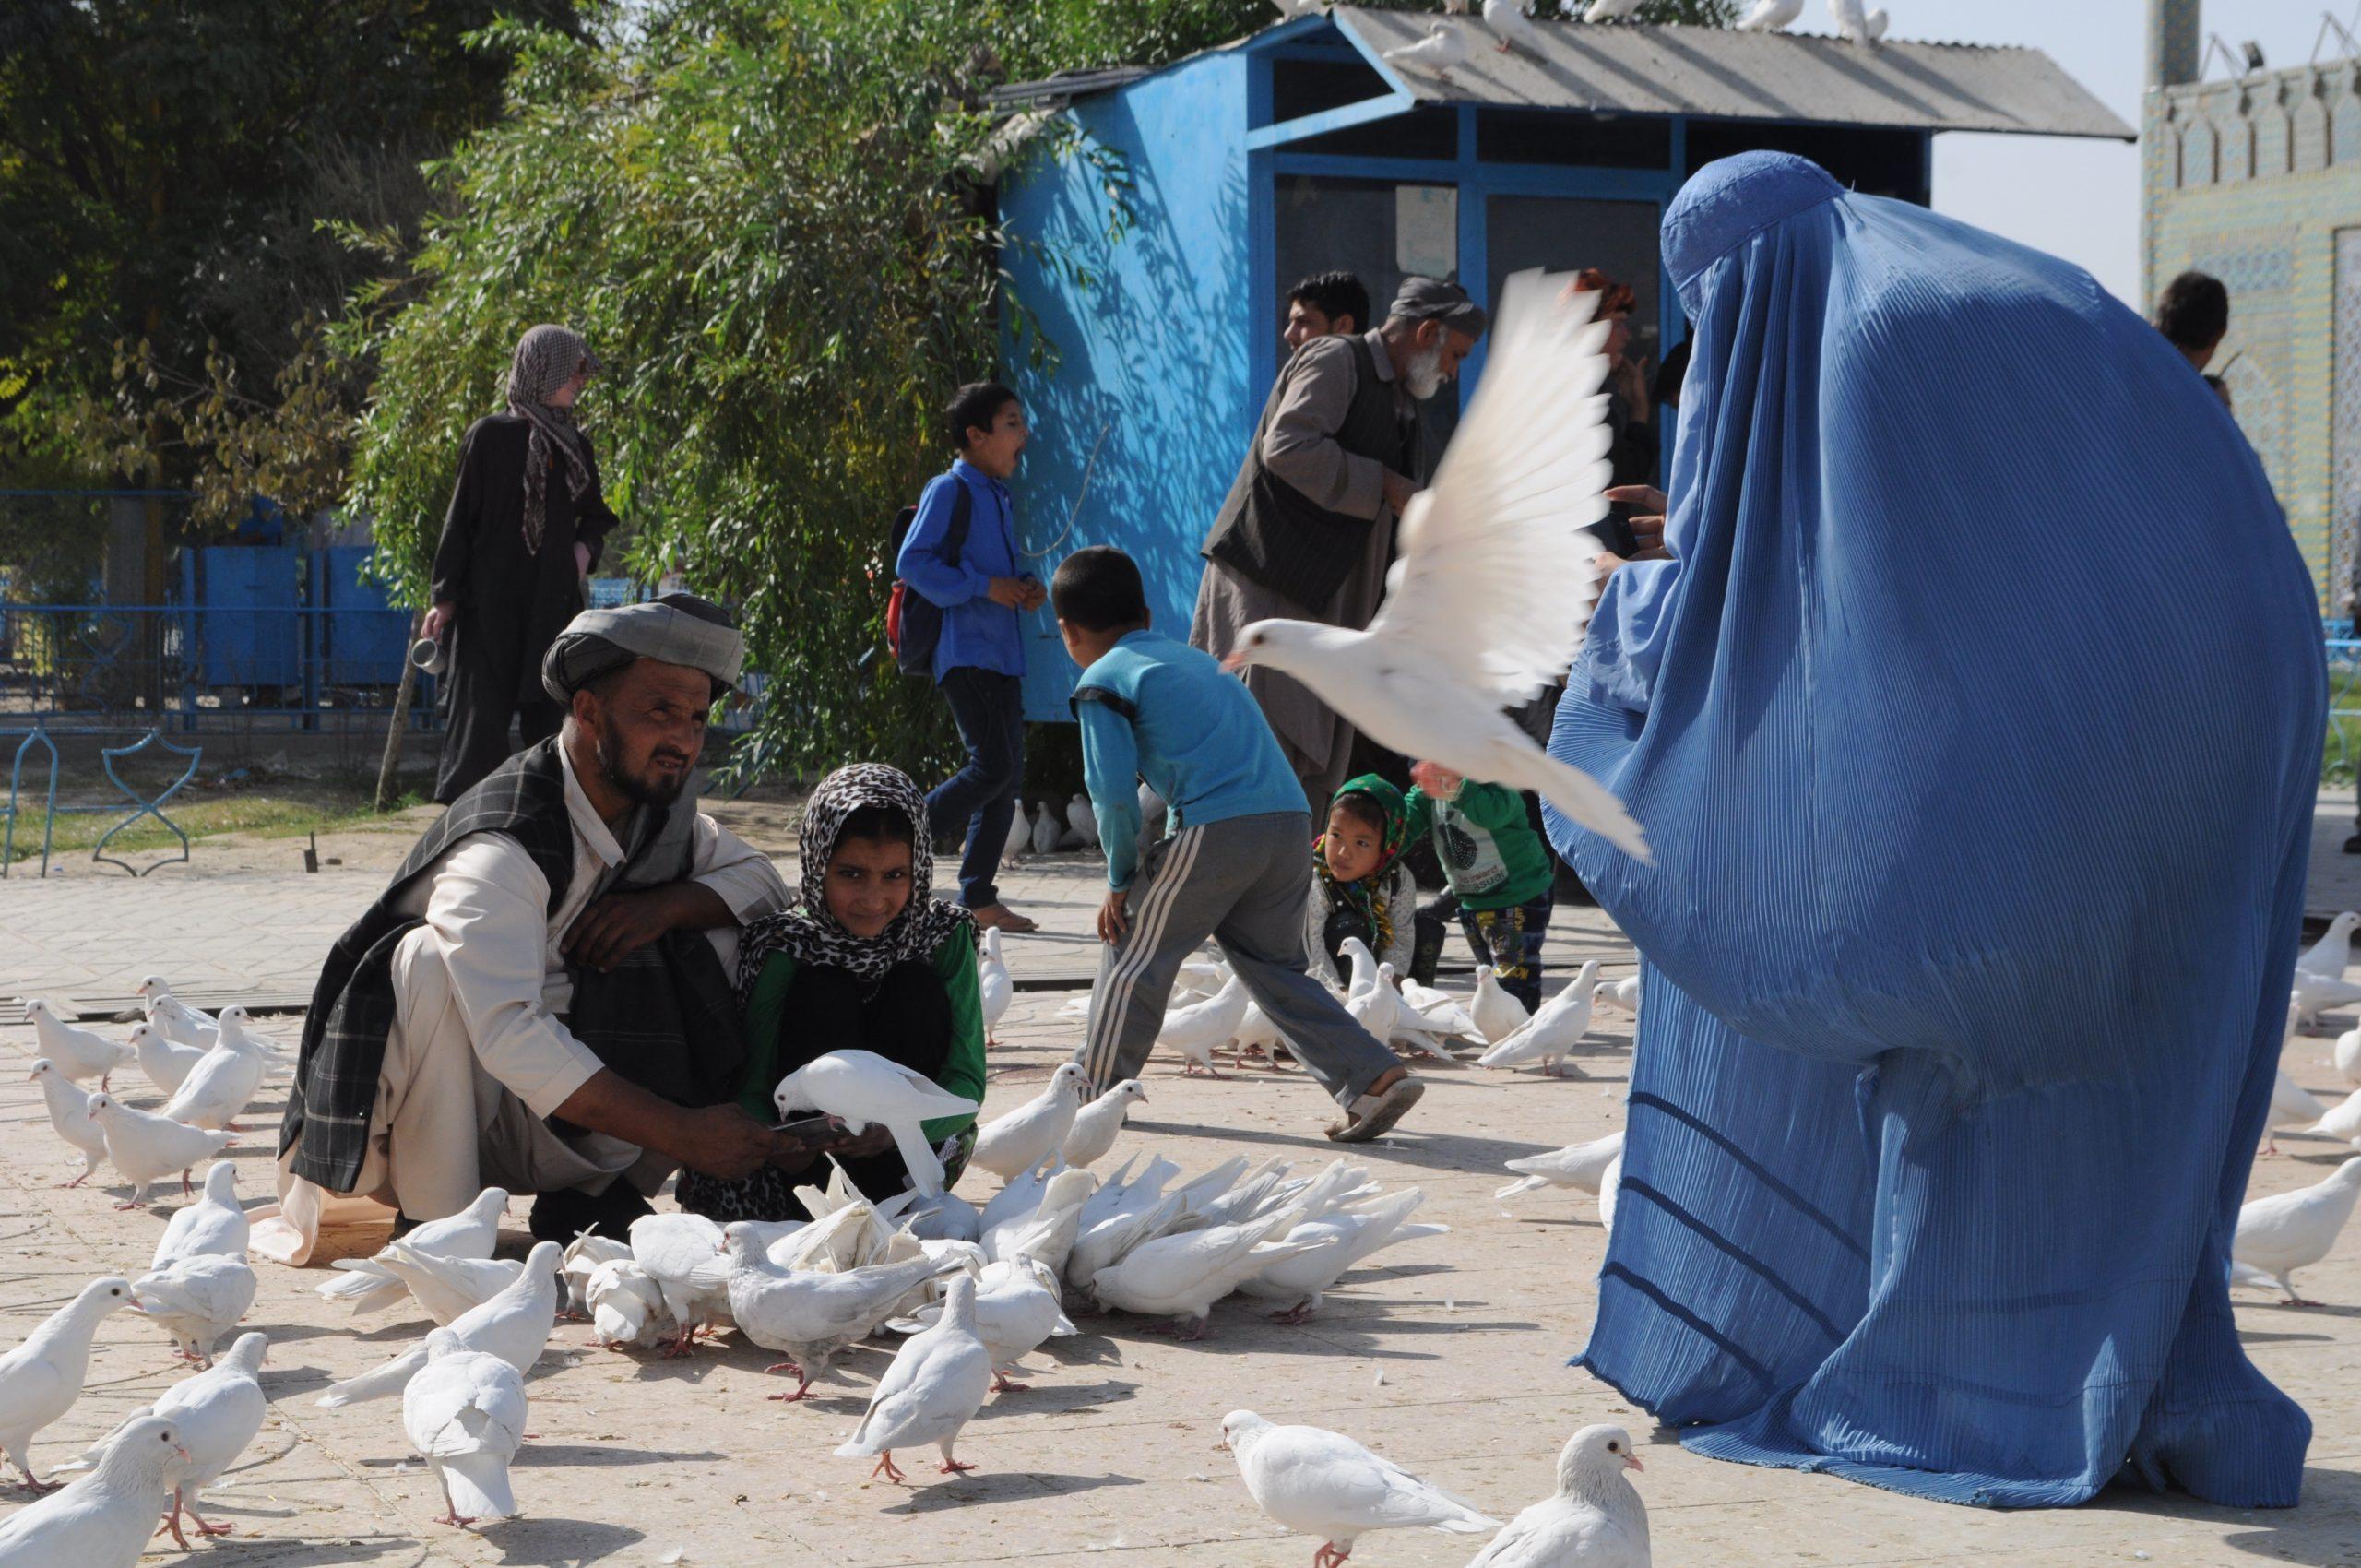 Afganistan alebo ako bezpečne cestovať po vojnovej krajine